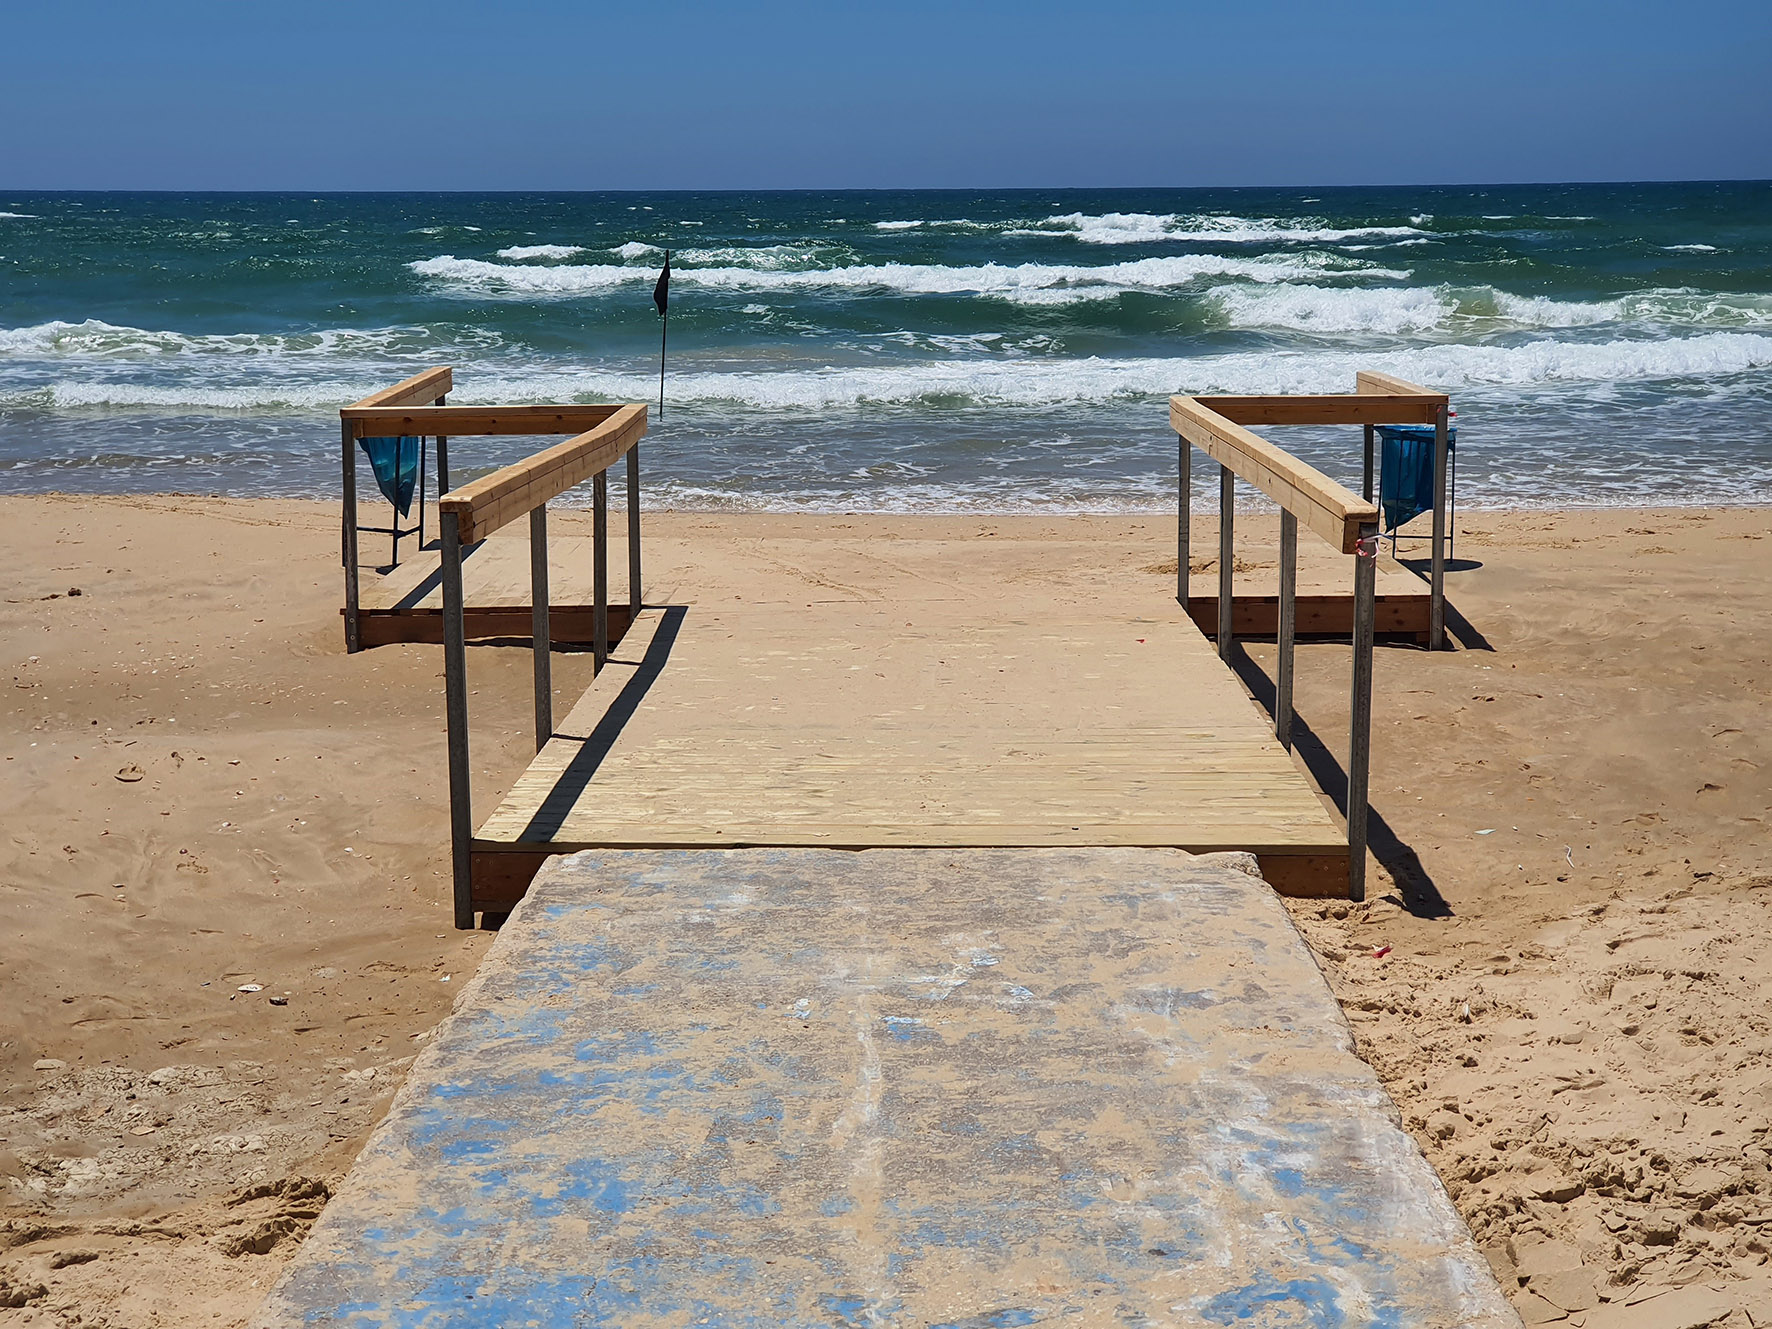 שביל גישה לחוף הים. צילום: דוברות העירייה